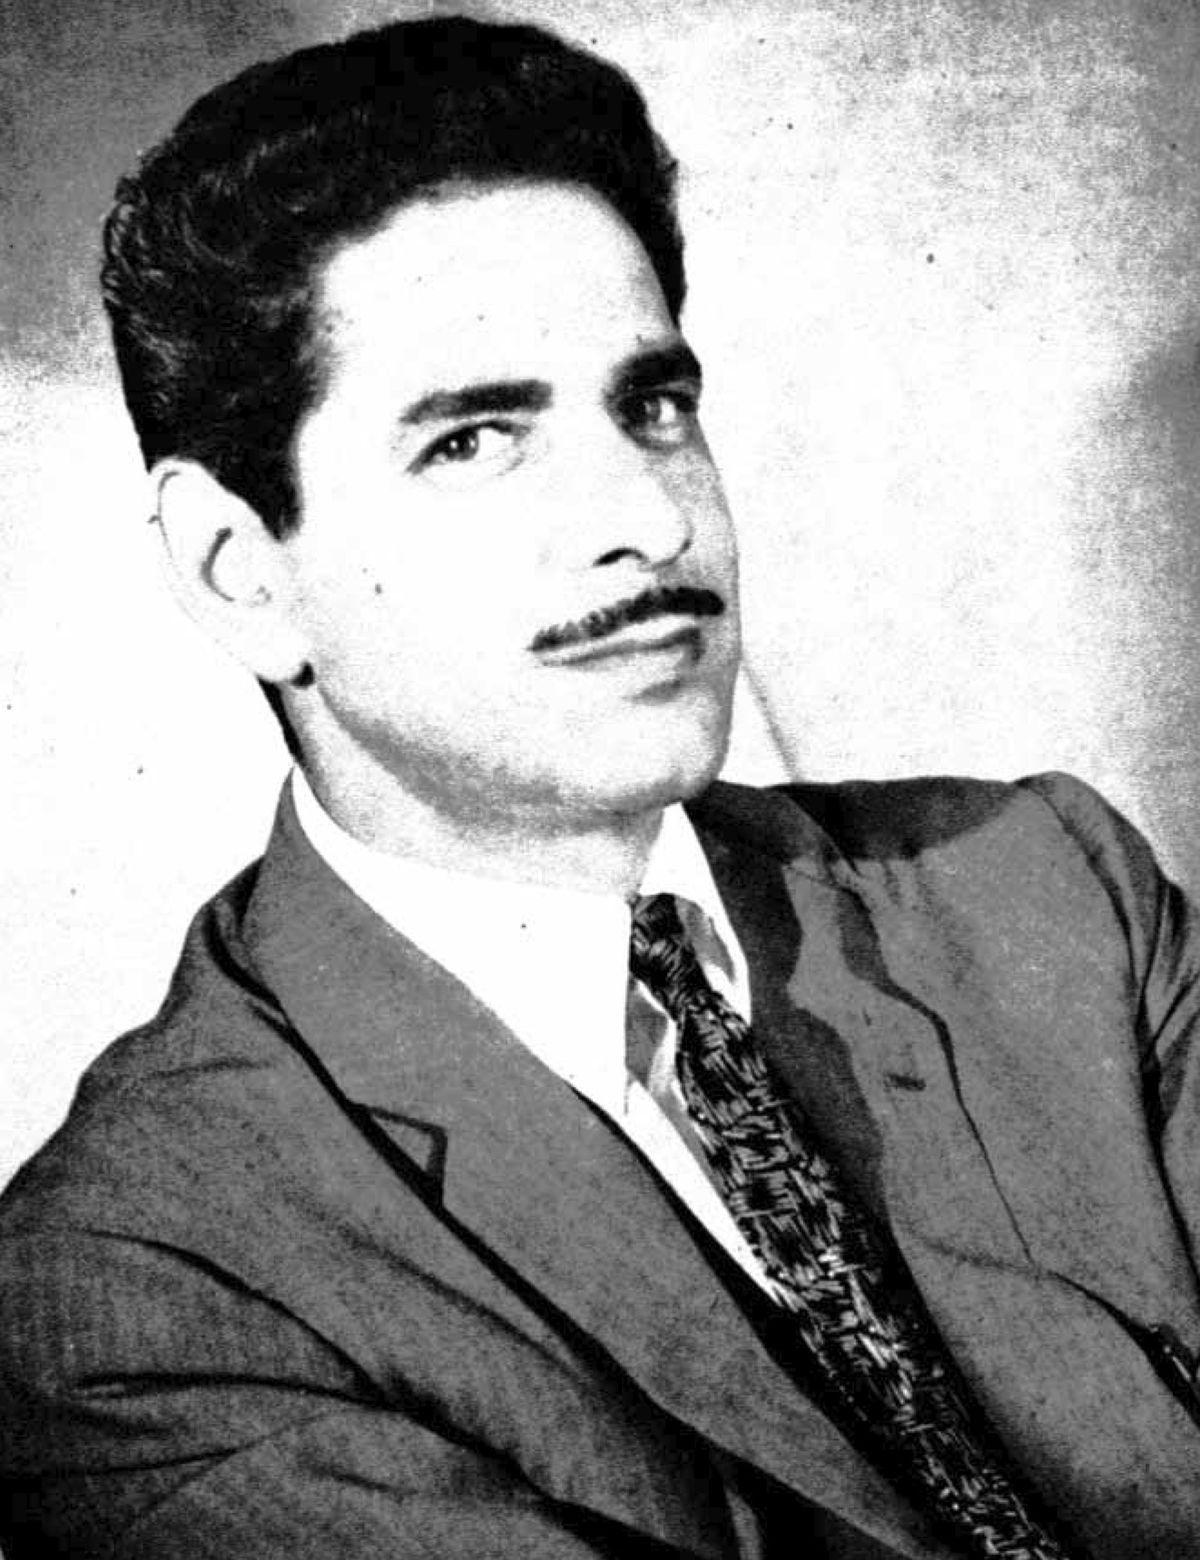 أحمد وهبي ويكيبيديا